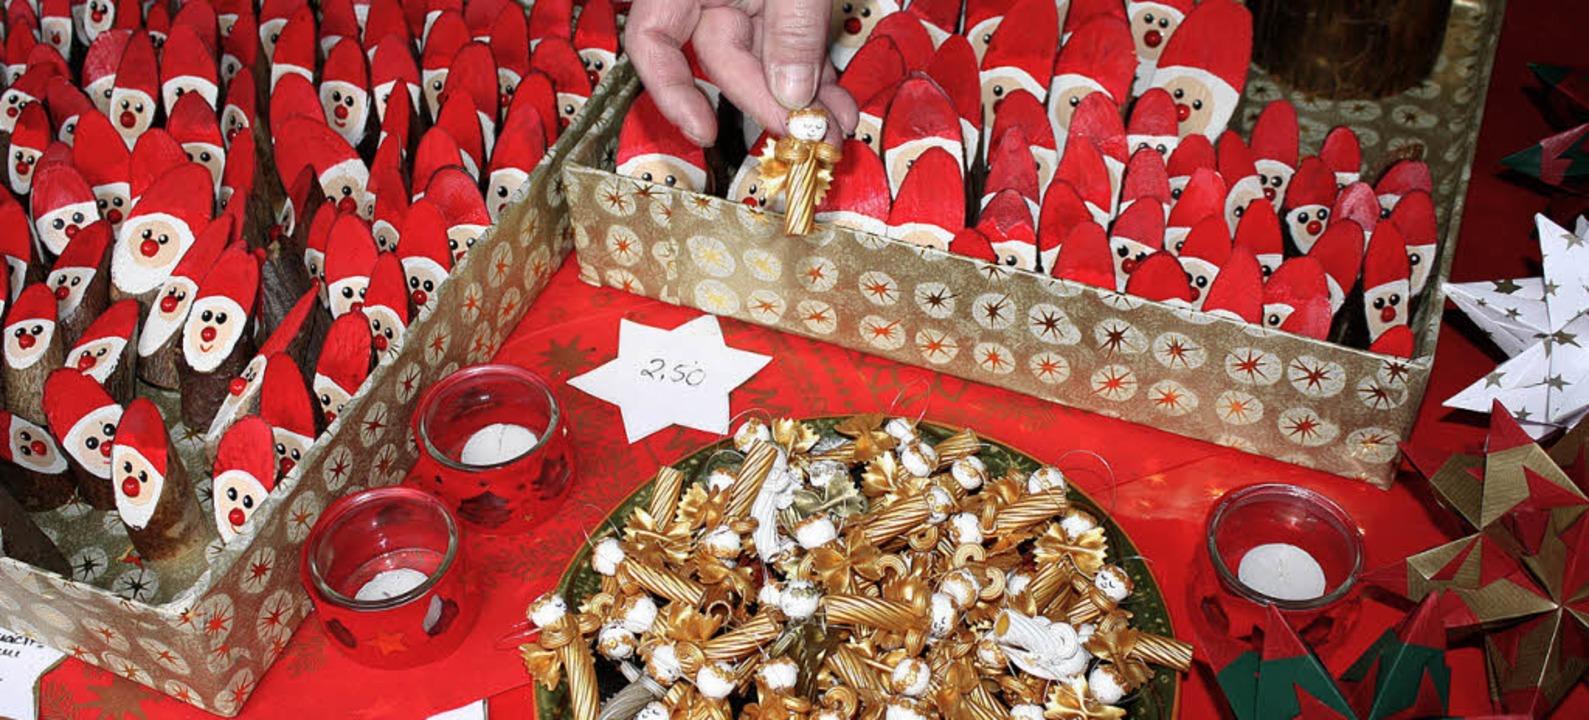 Marktimpressionen: Nikolause aus Holzstämmchen, Engel aus vergoldeten Nudeln       Foto: barbara schmidt